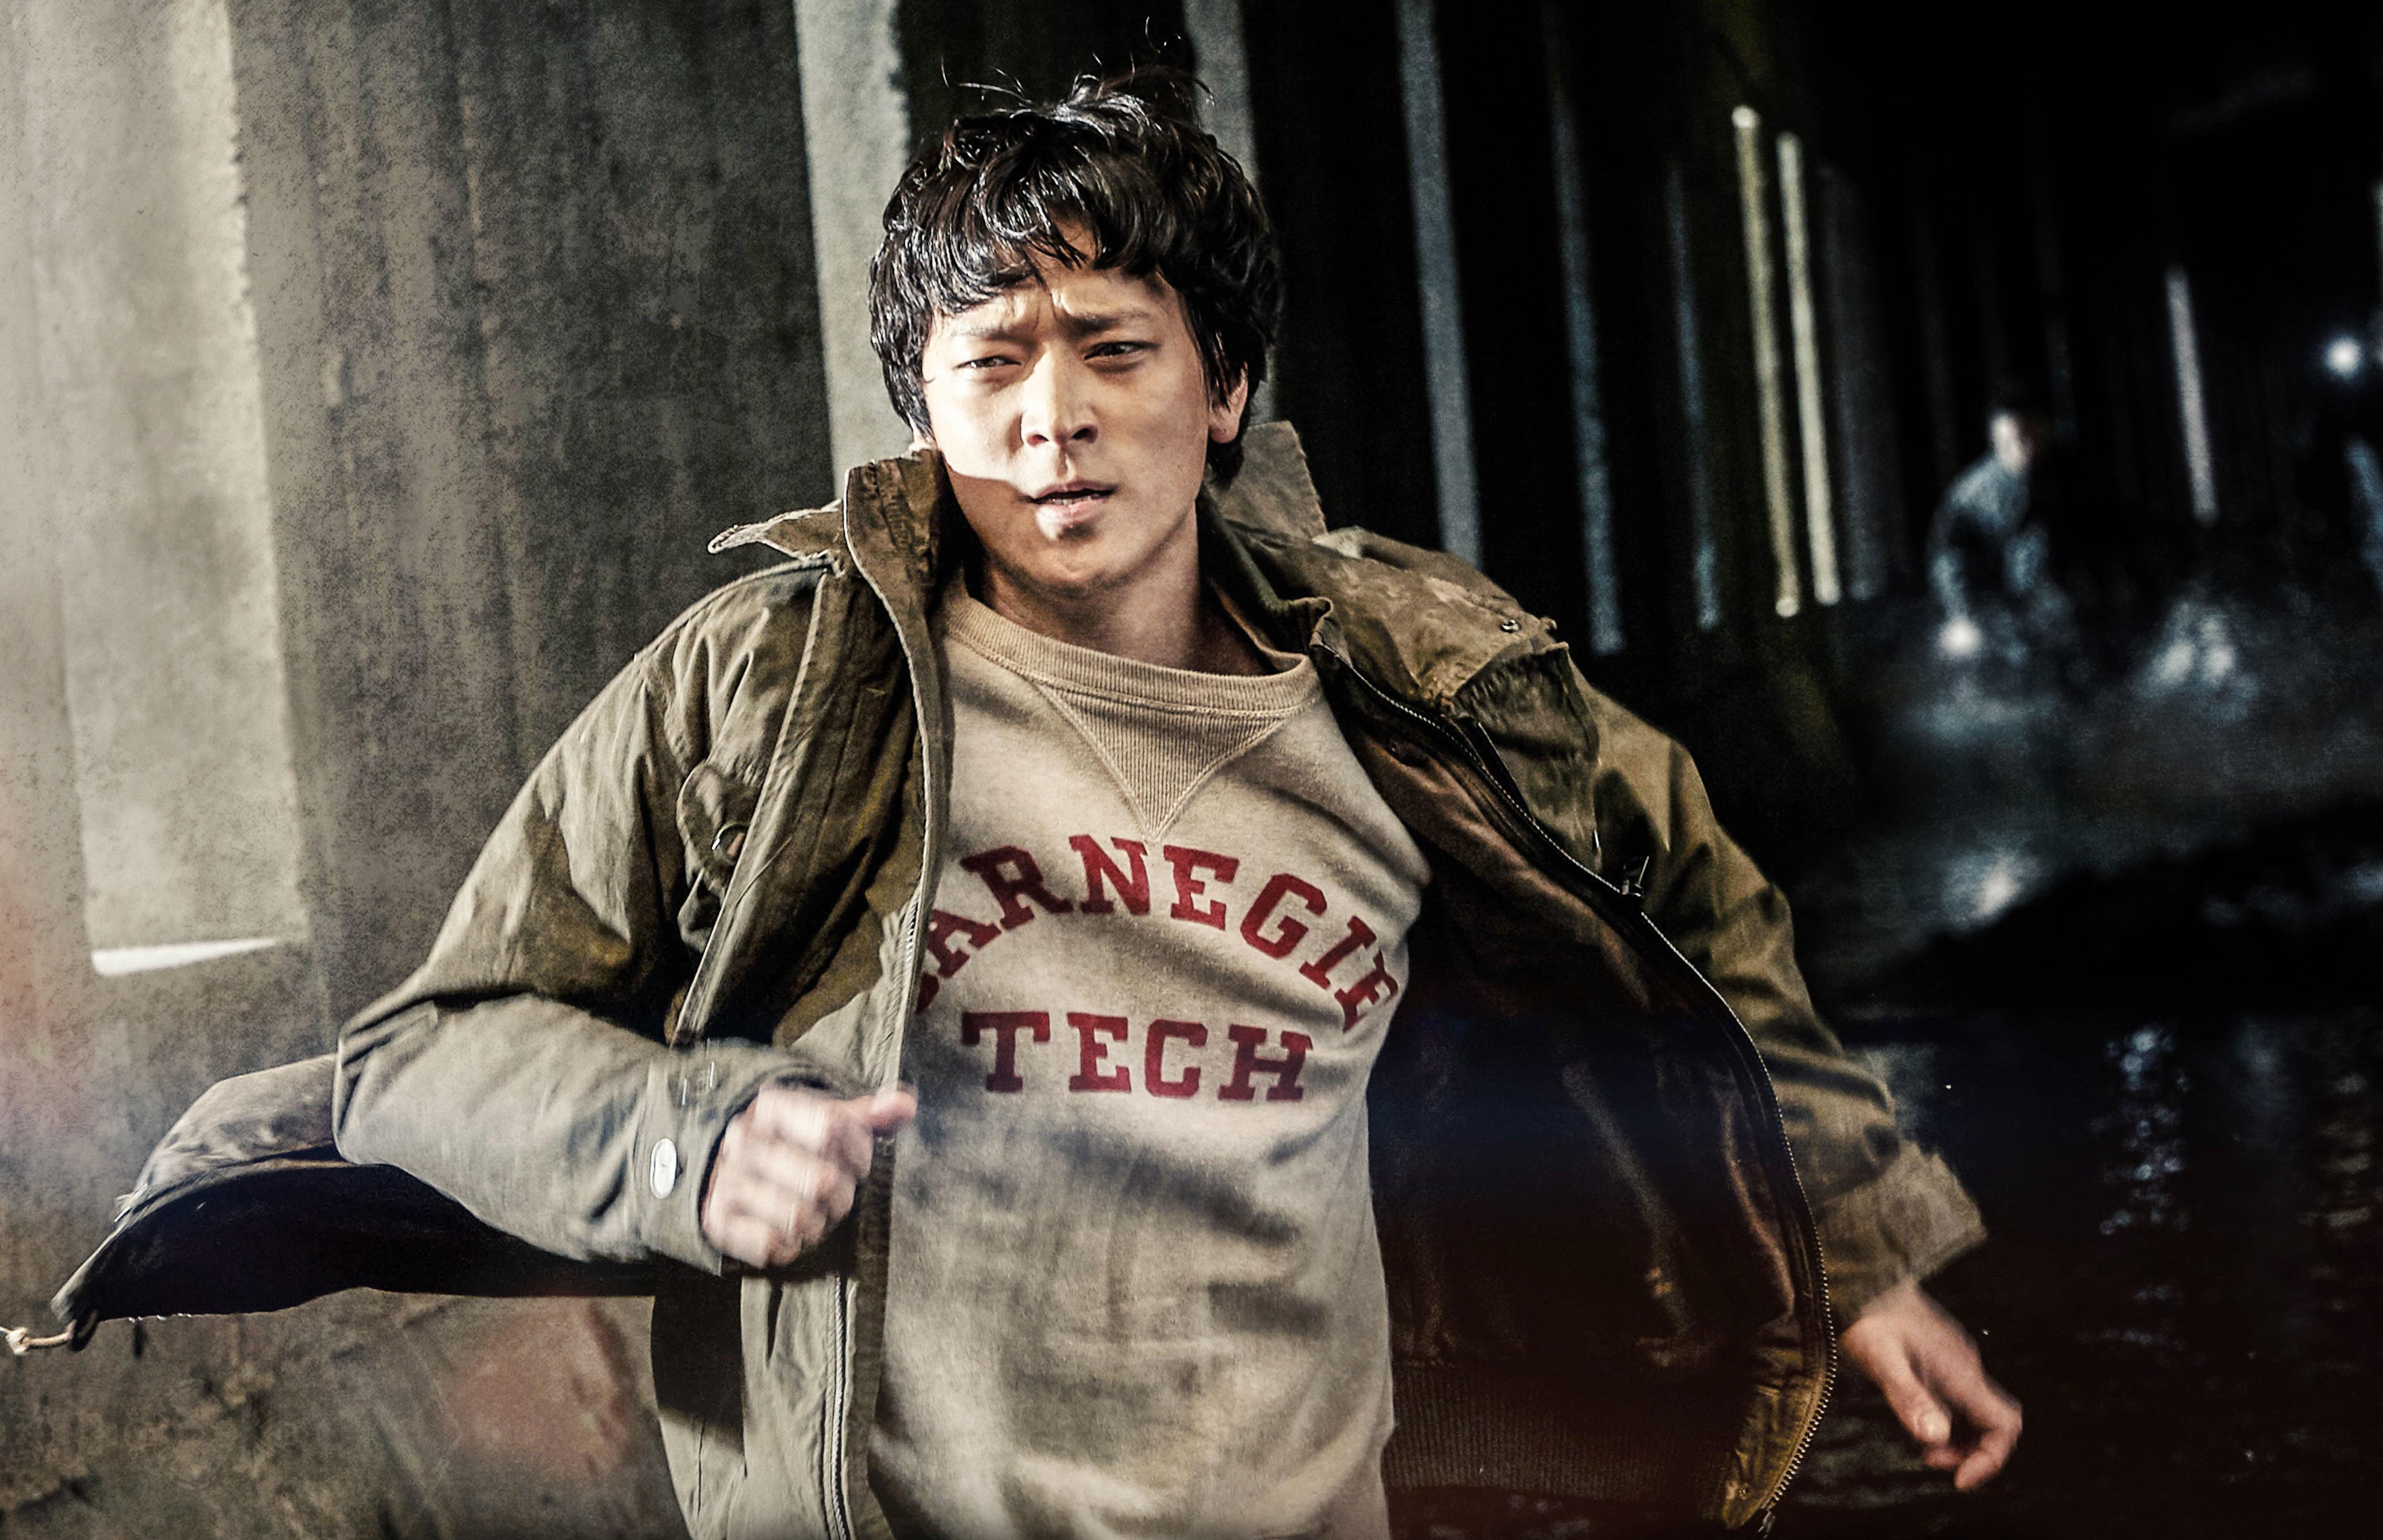 映画『ゴールデンスランバー』のカン・ドンウォンさん降臨!_1_2-1